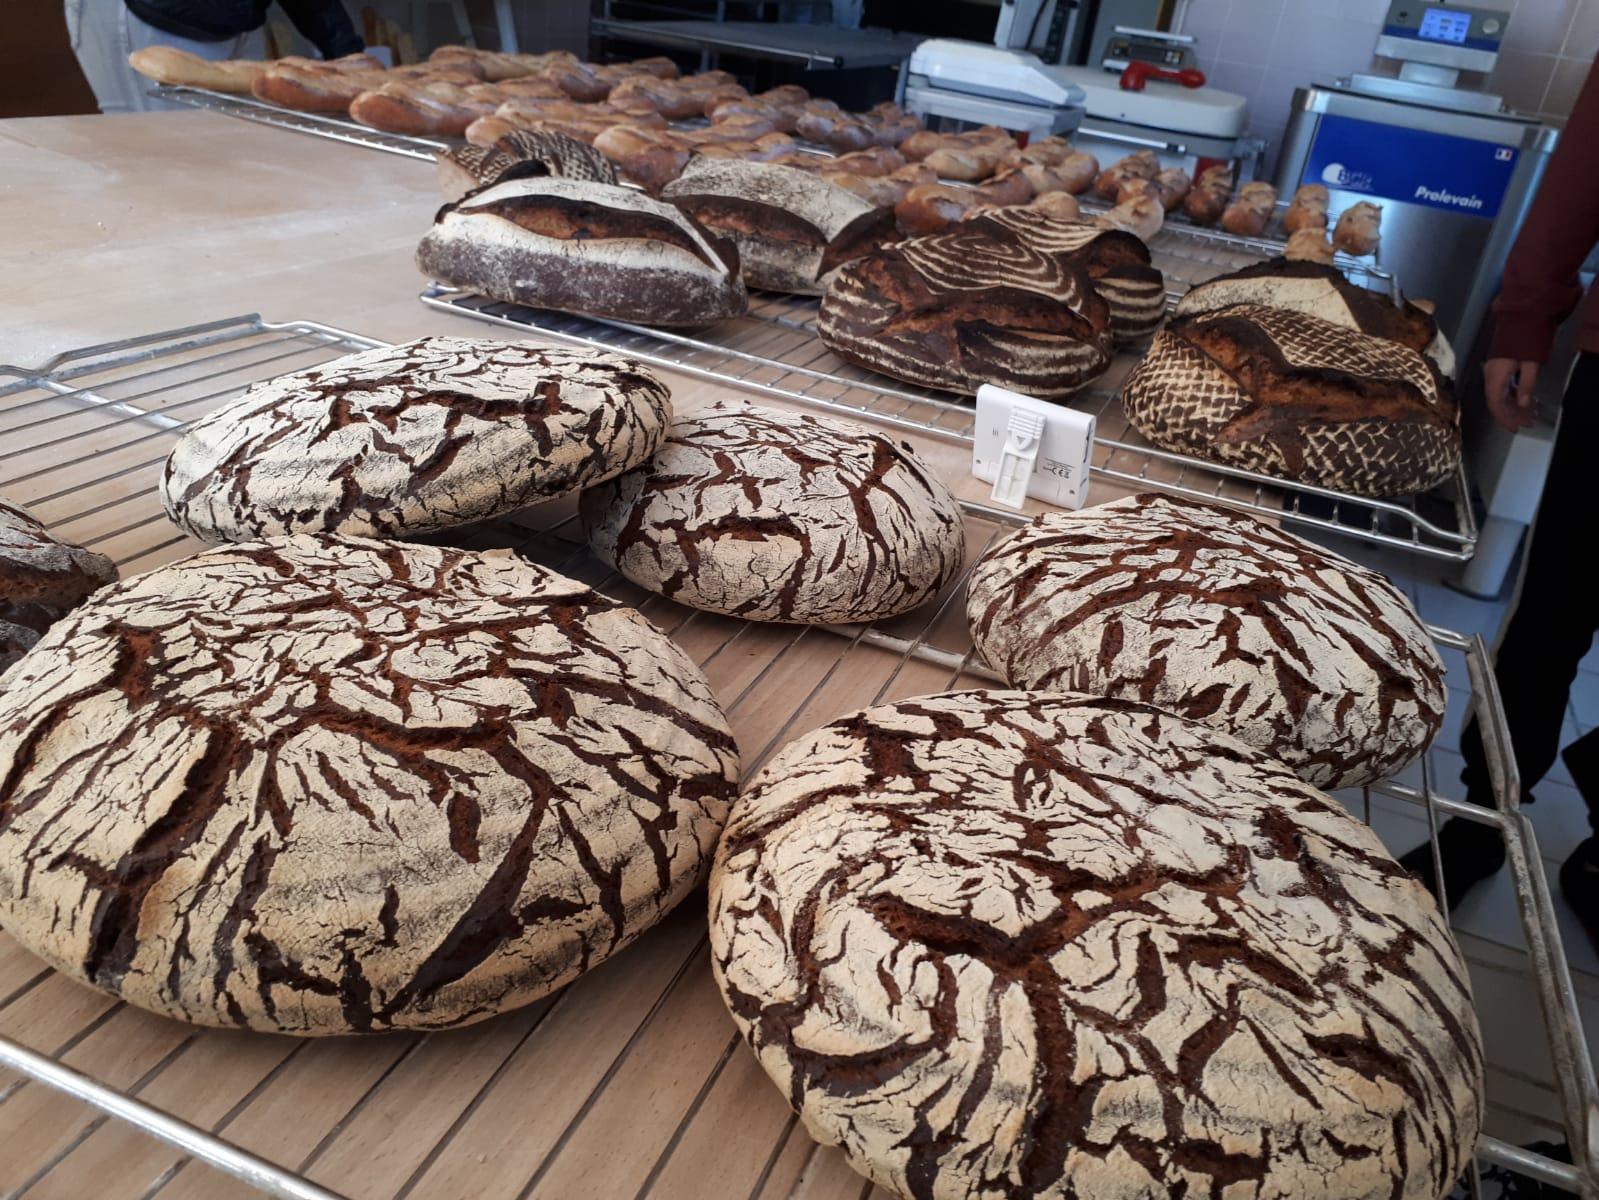 Des pains confectionnés par les Moulins Bourgeois, non loin de Paris.